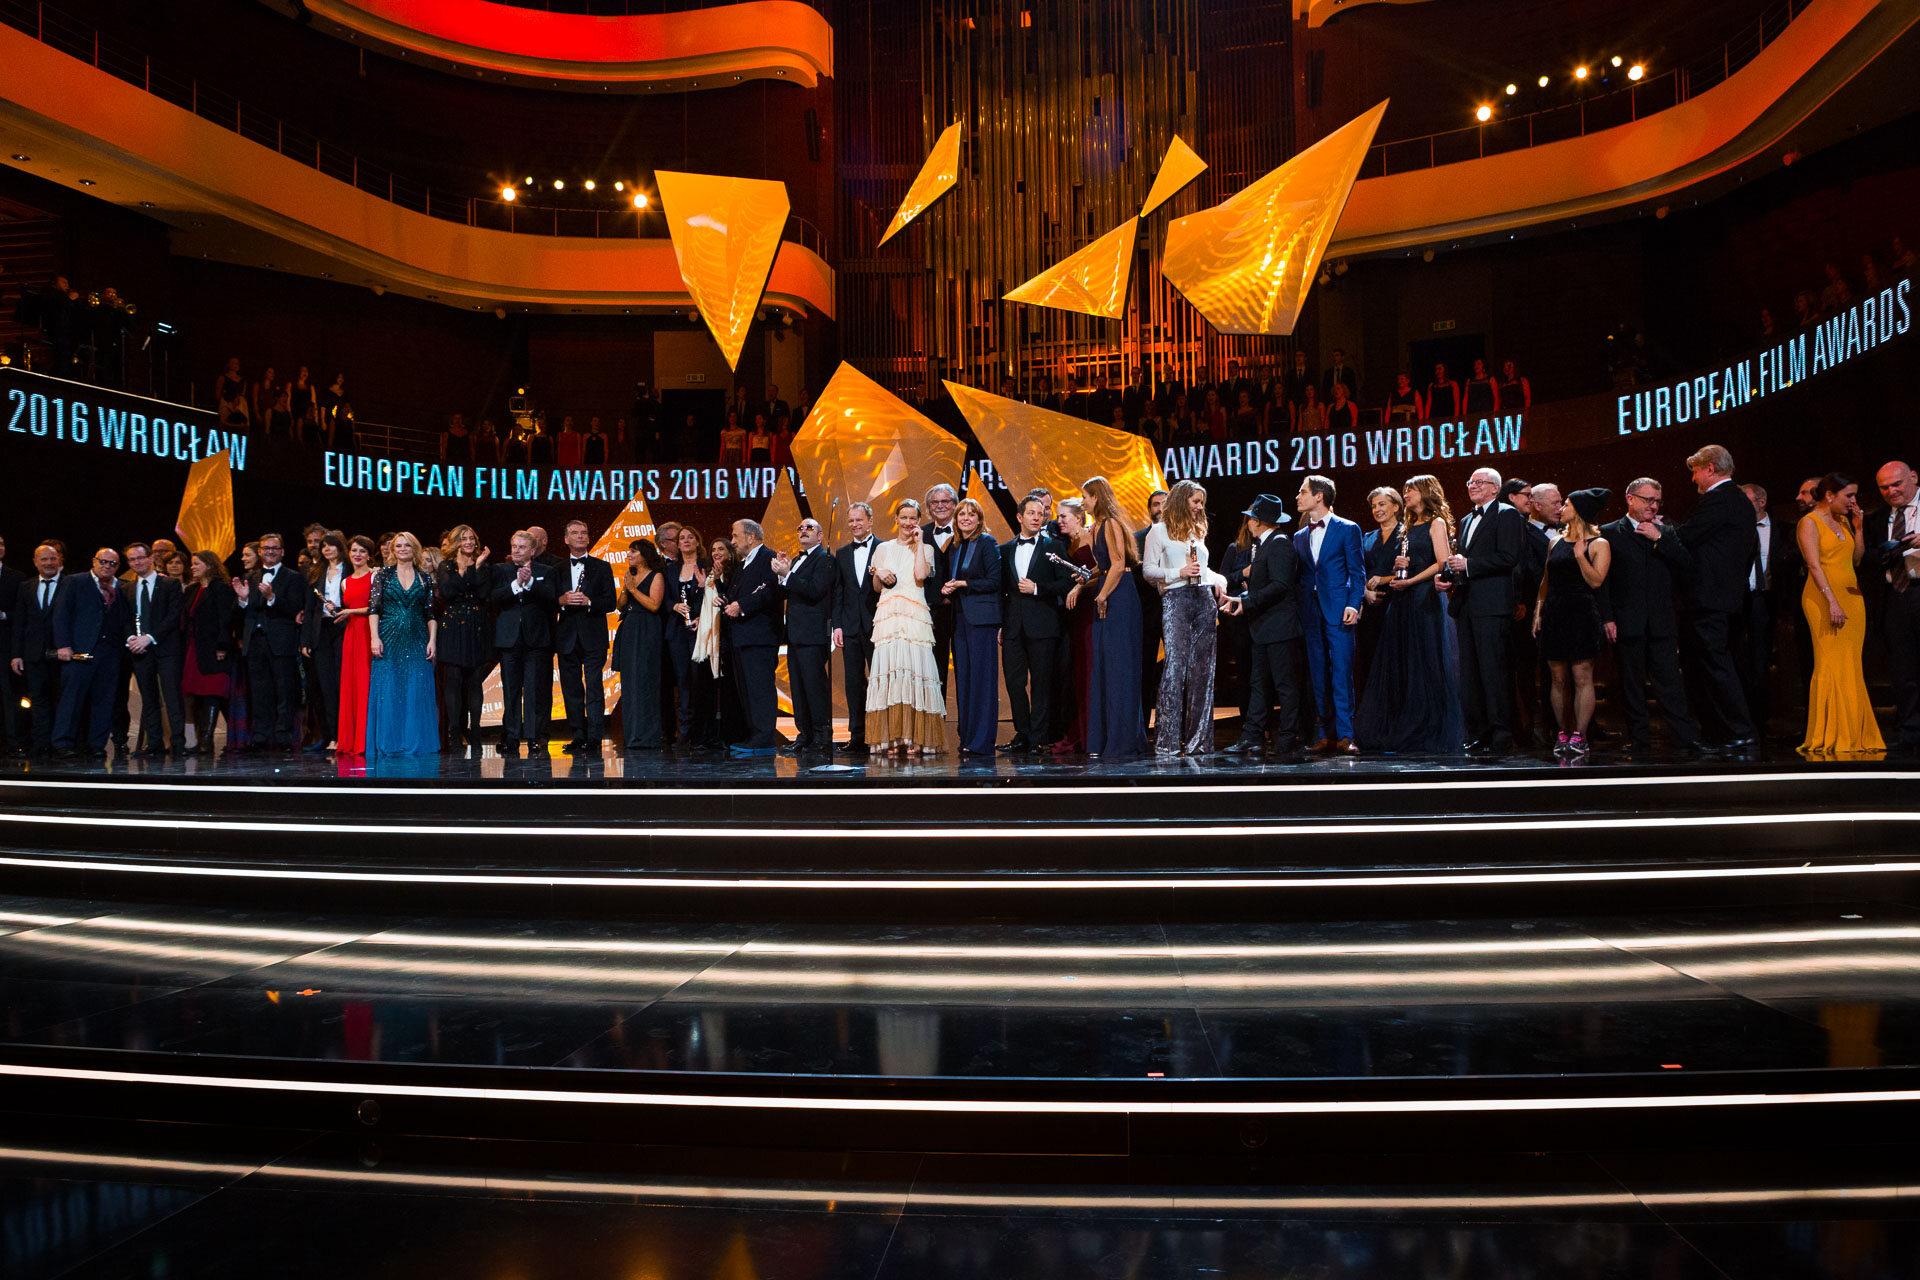 Relacja z przebiegu Europejskiej Nagrody Filmowej 2016